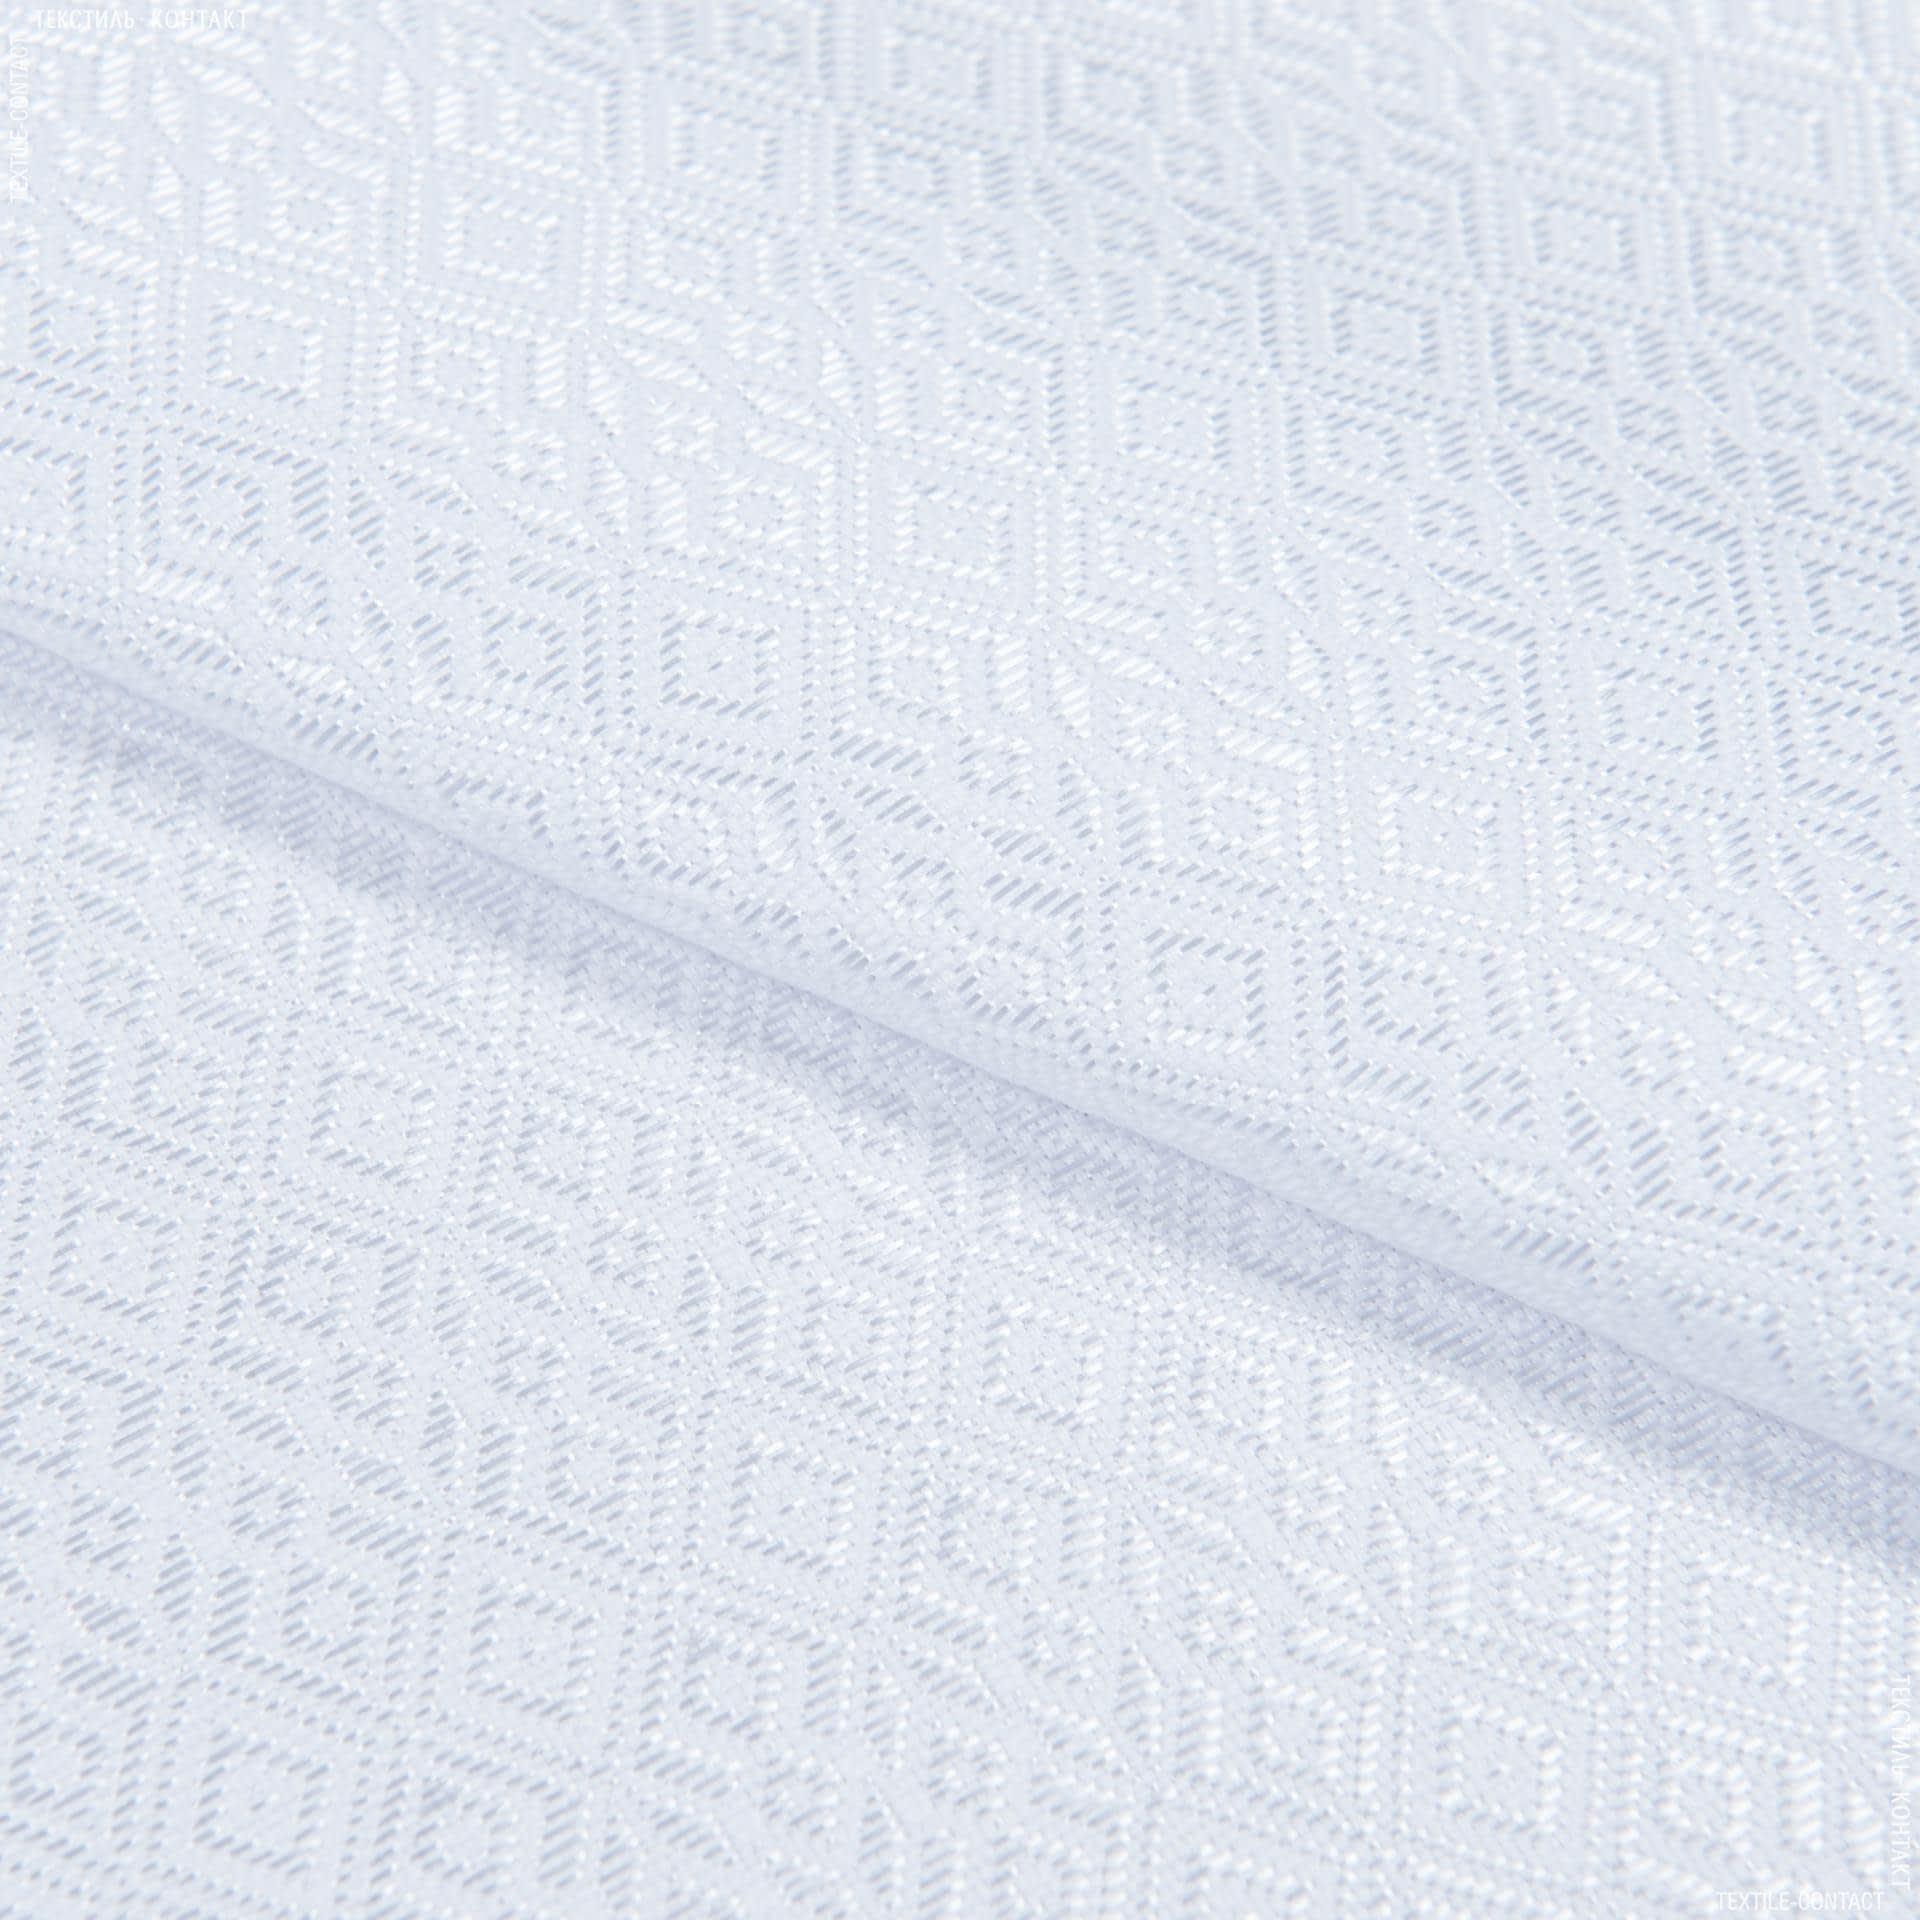 Ткани для юбок - Ткань скатертная  тдк-132 №1  вид 1